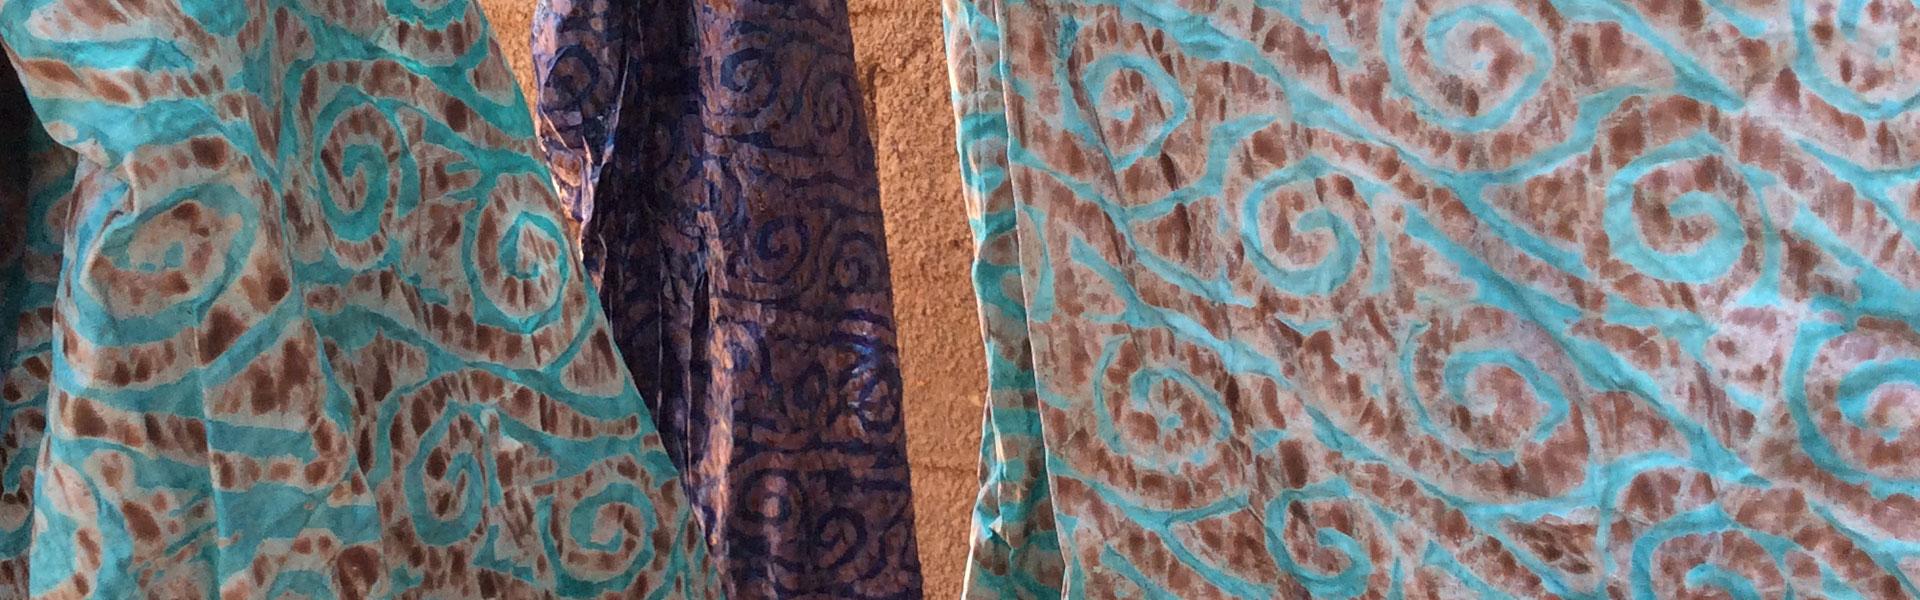 batik bio sur coton bazin par pagabags